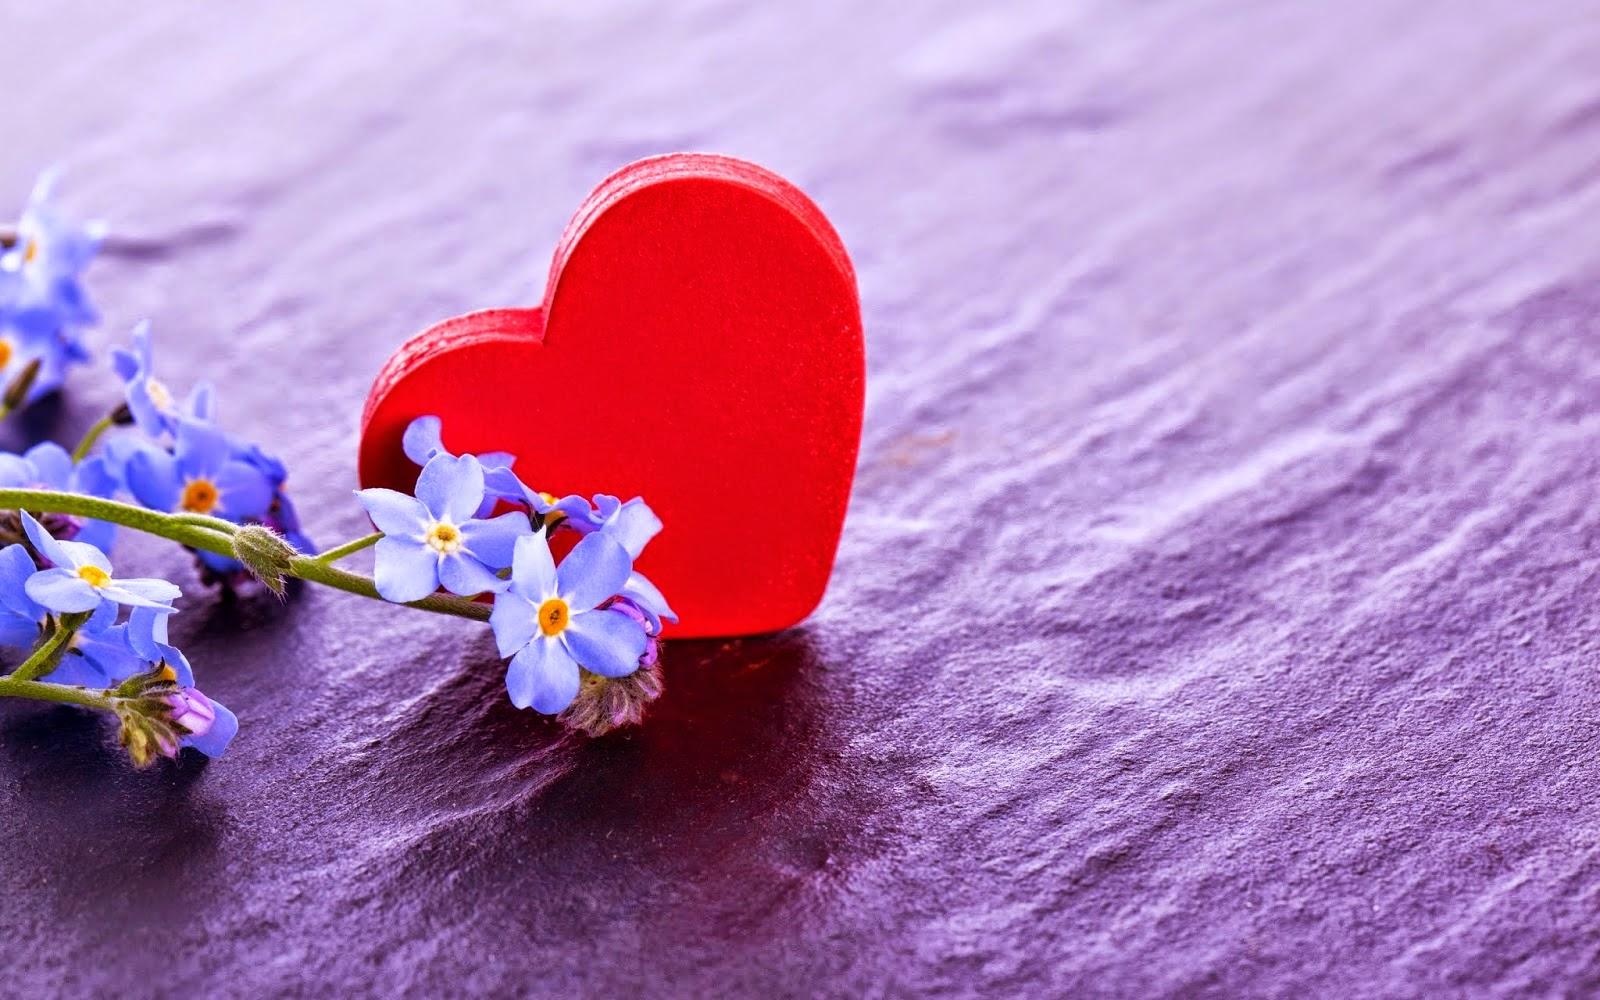 Solo Fondos De Pantalla San Valentin: Frases De Amor, Más De 250 Imágenes Para Compartir